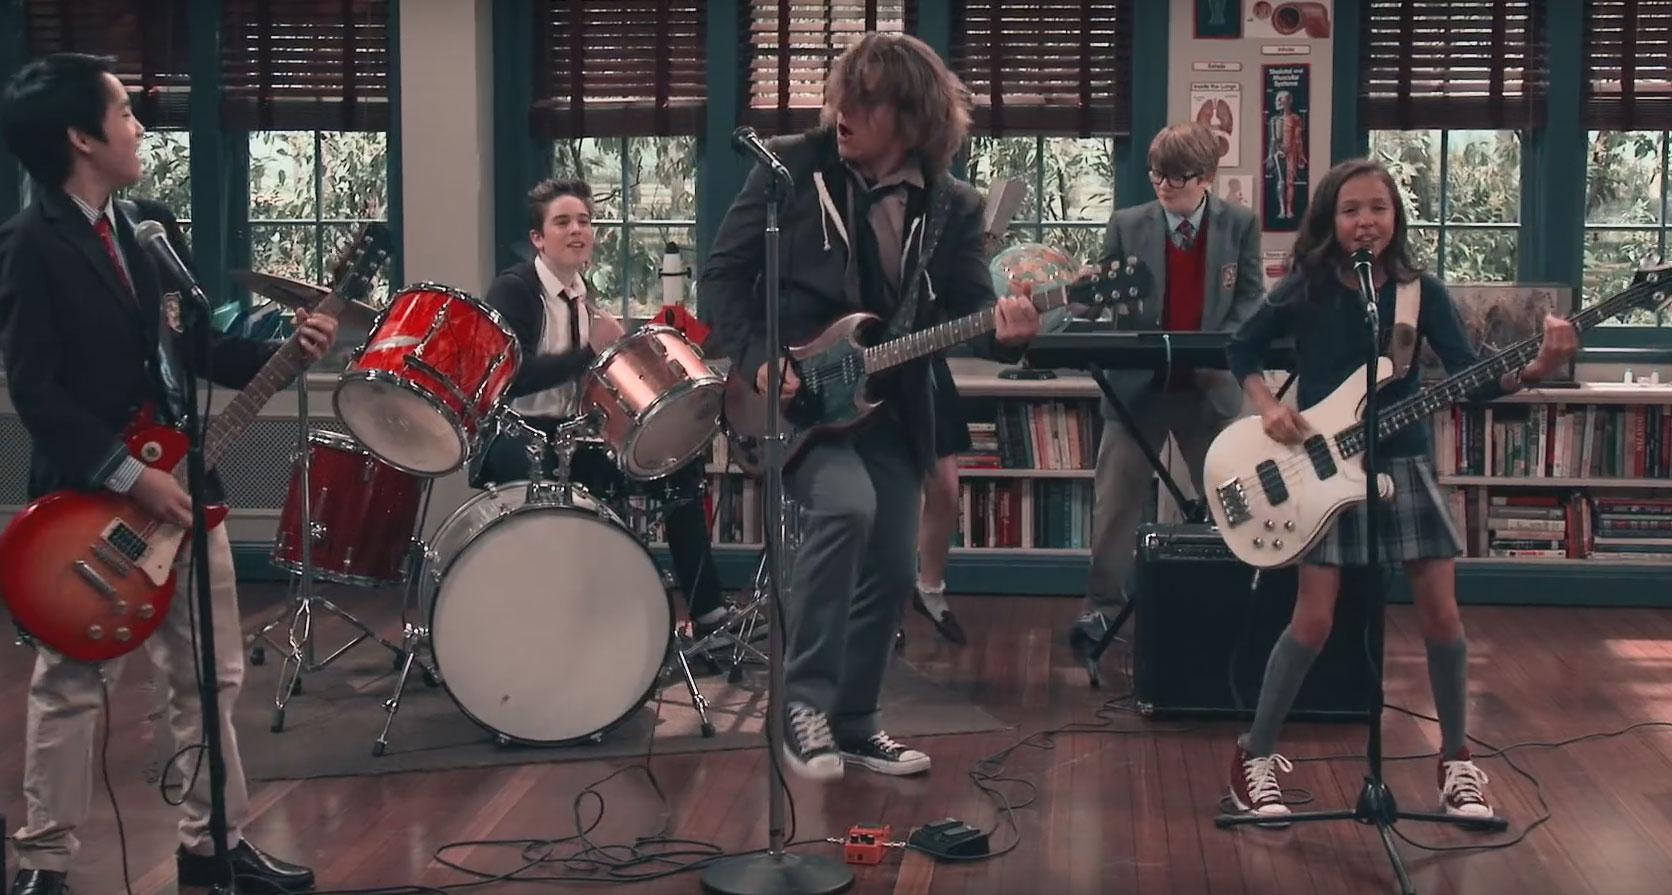 School Of Rock Tv Show Songs : nickelodeon drops first two school of rock music videos watch them here school of rock ~ Russianpoet.info Haus und Dekorationen